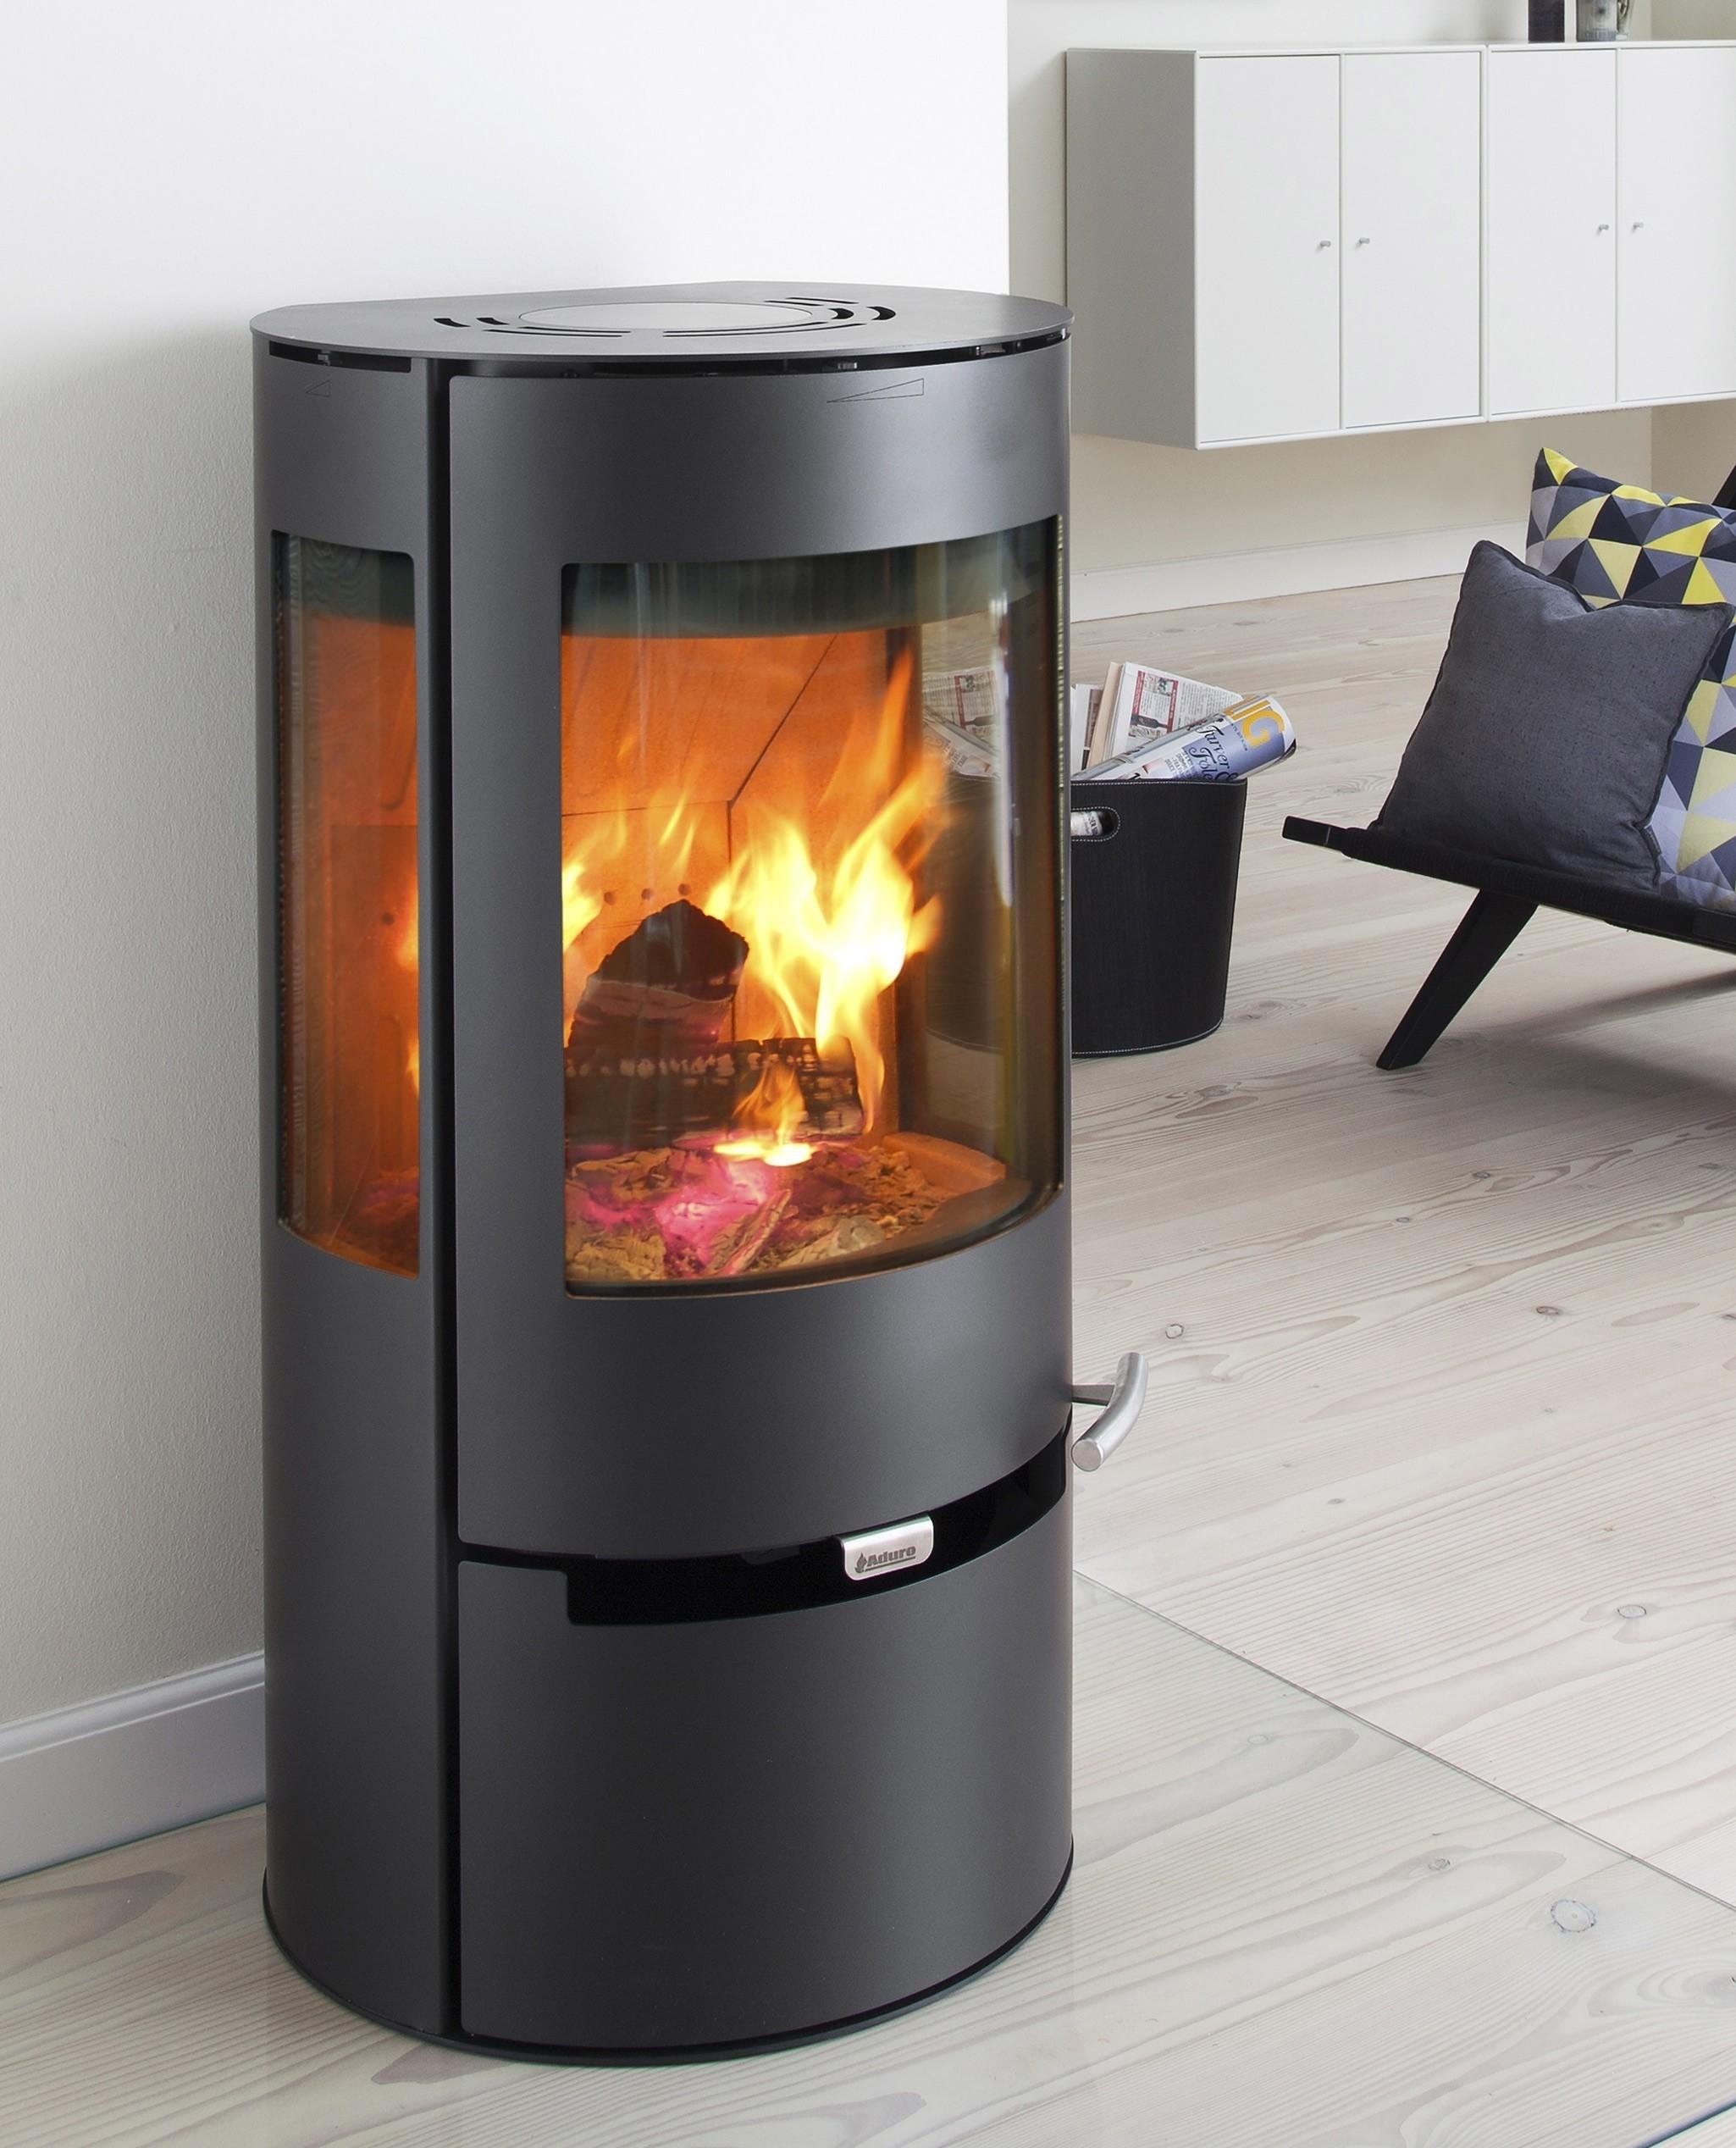 kaminofen aduro 9 air schwarz stahl 3 scheiben raumluftunabh ngig 6 kw bei. Black Bedroom Furniture Sets. Home Design Ideas